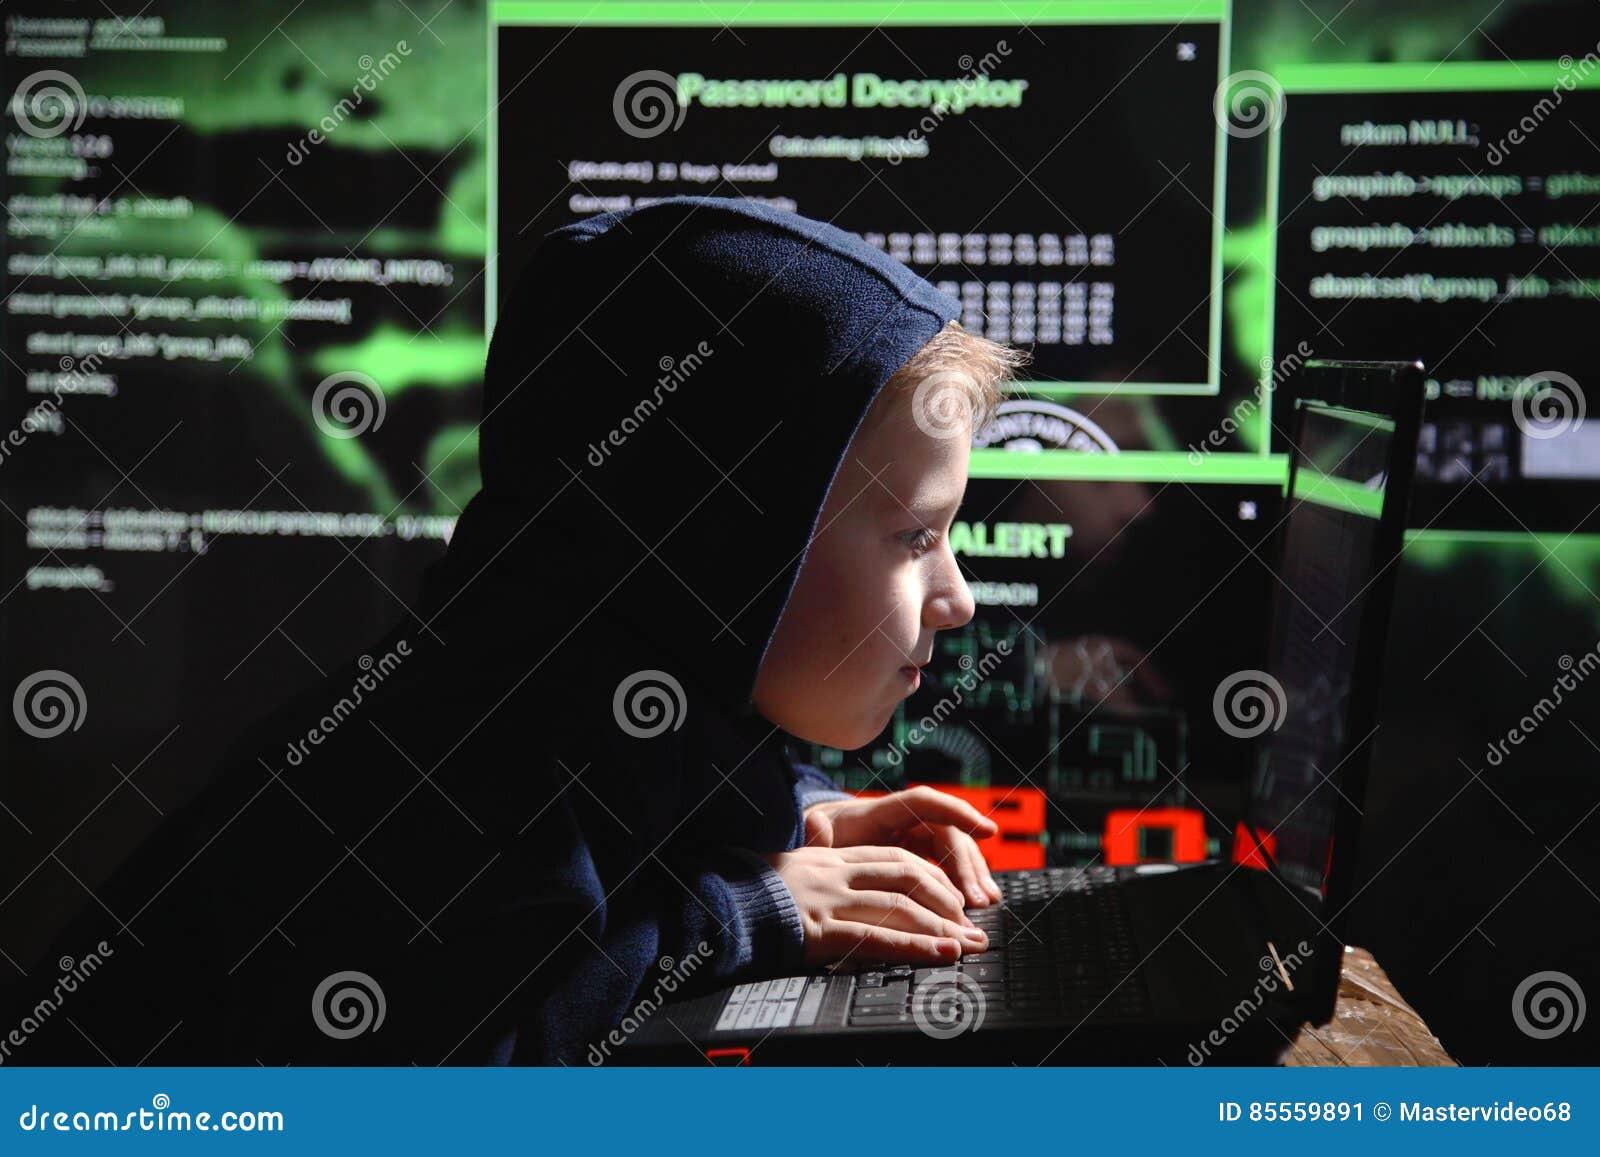 Junges Schülerwunder - ein Hacker Begabter Student nimmt am Banksystem teil